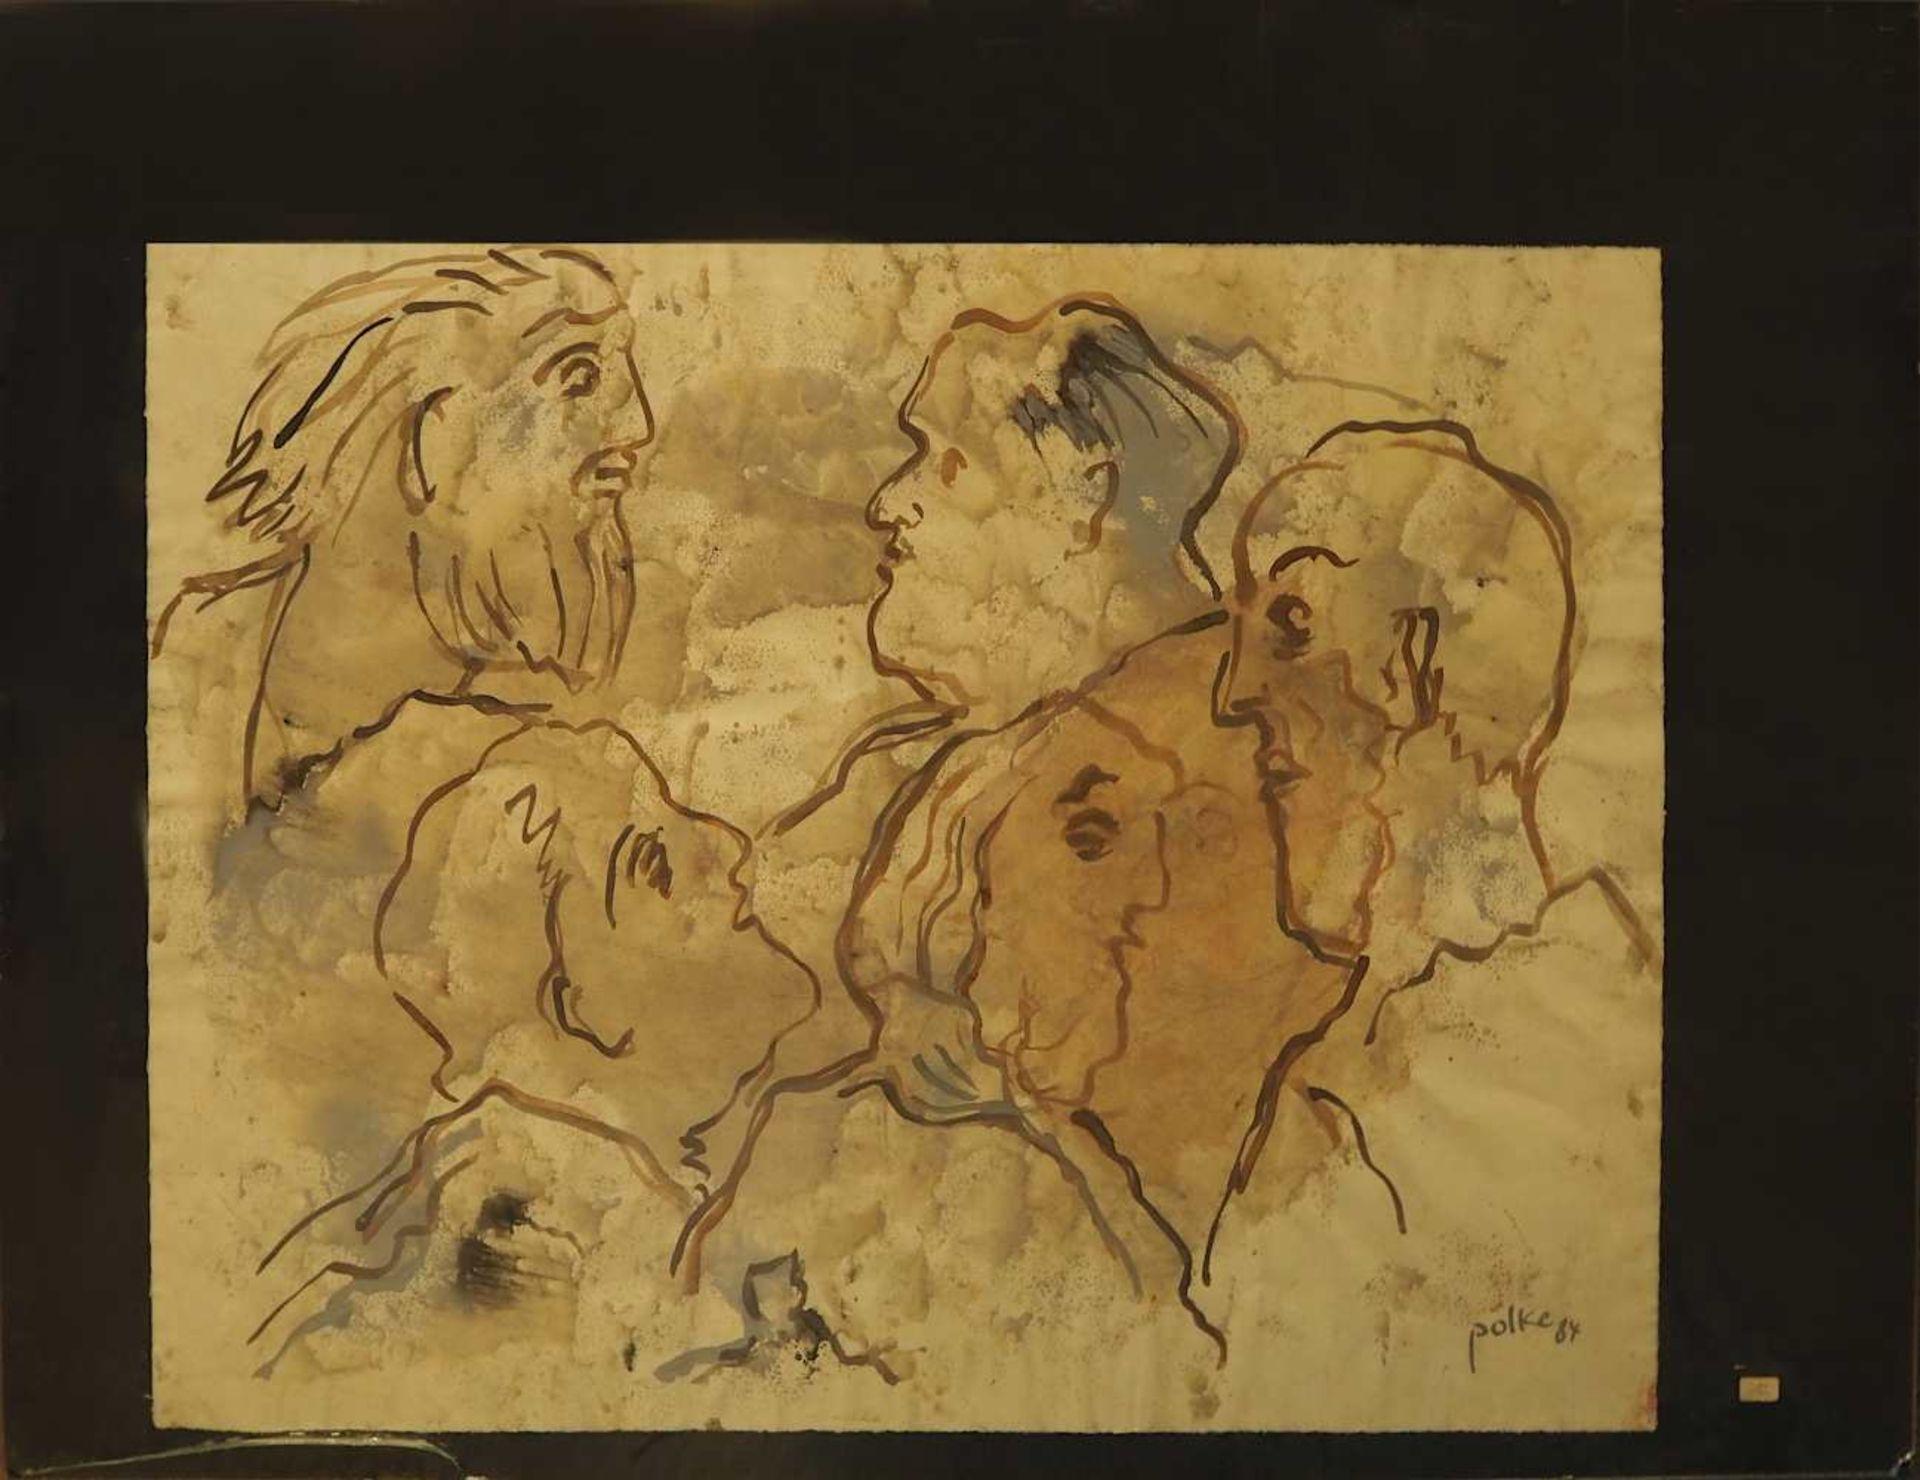 """1 Aquarell """"Spitzen der Gesellschaft"""" R.u. sign. POLKE (wohl Wilfrid P. 1932-2014) R.u - Bild 2 aus 3"""